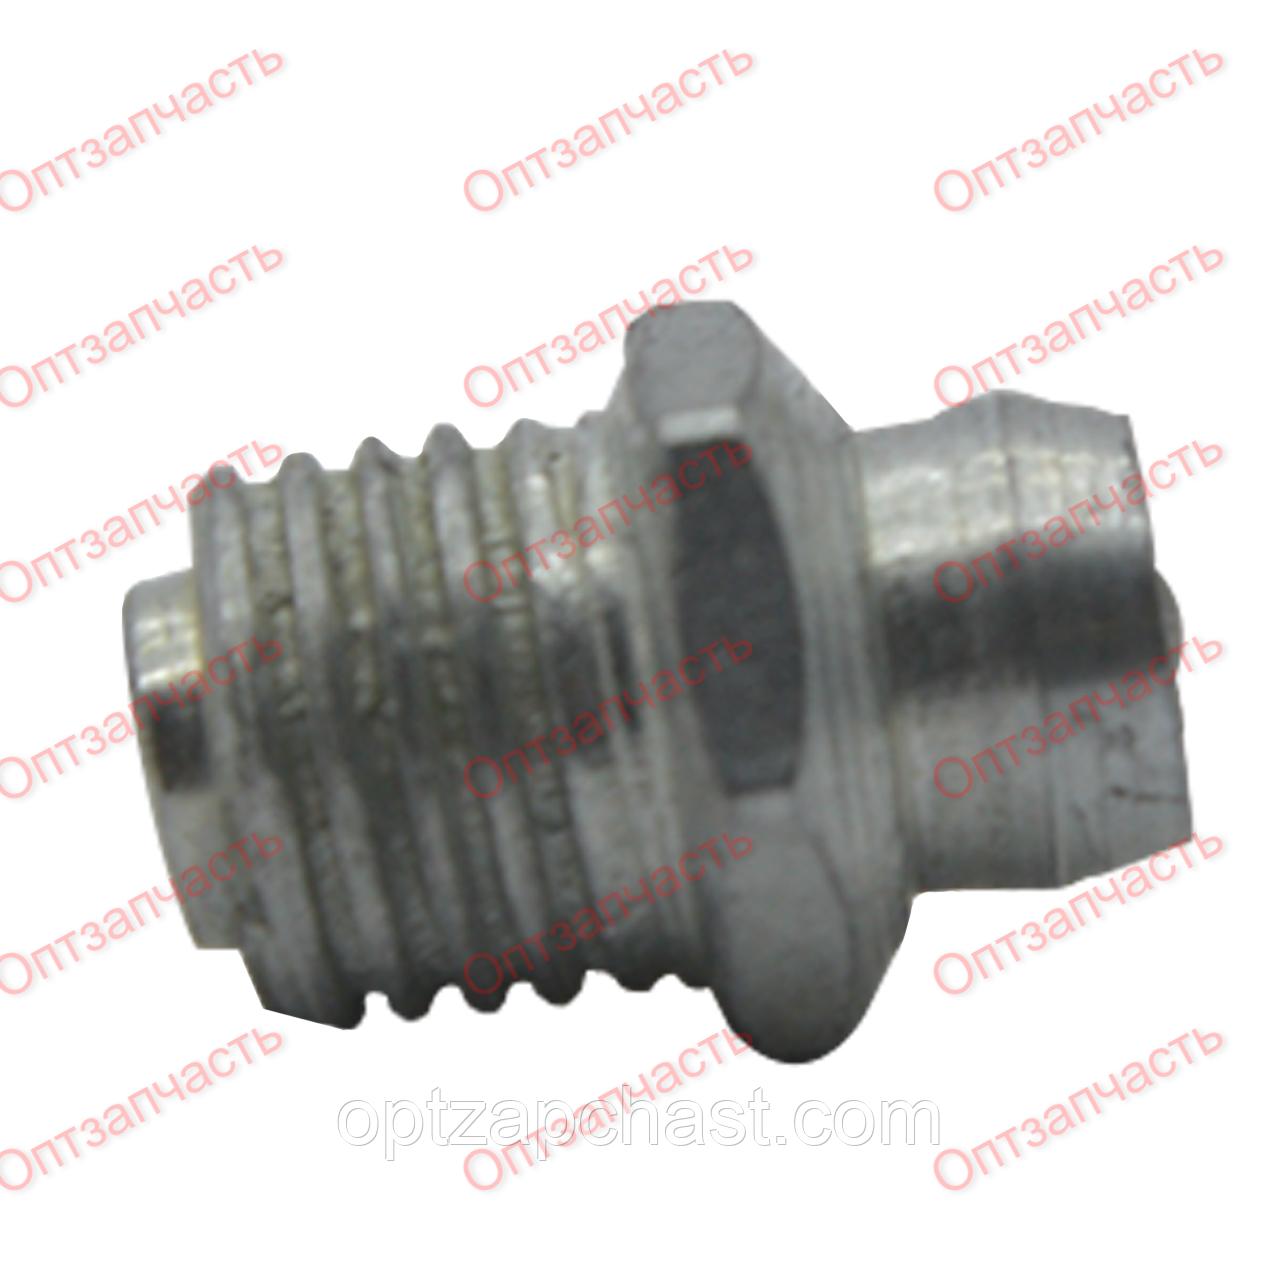 Тавотница Ф10 (масленка) прямая (ГОСТ19853-74(DIN71412))